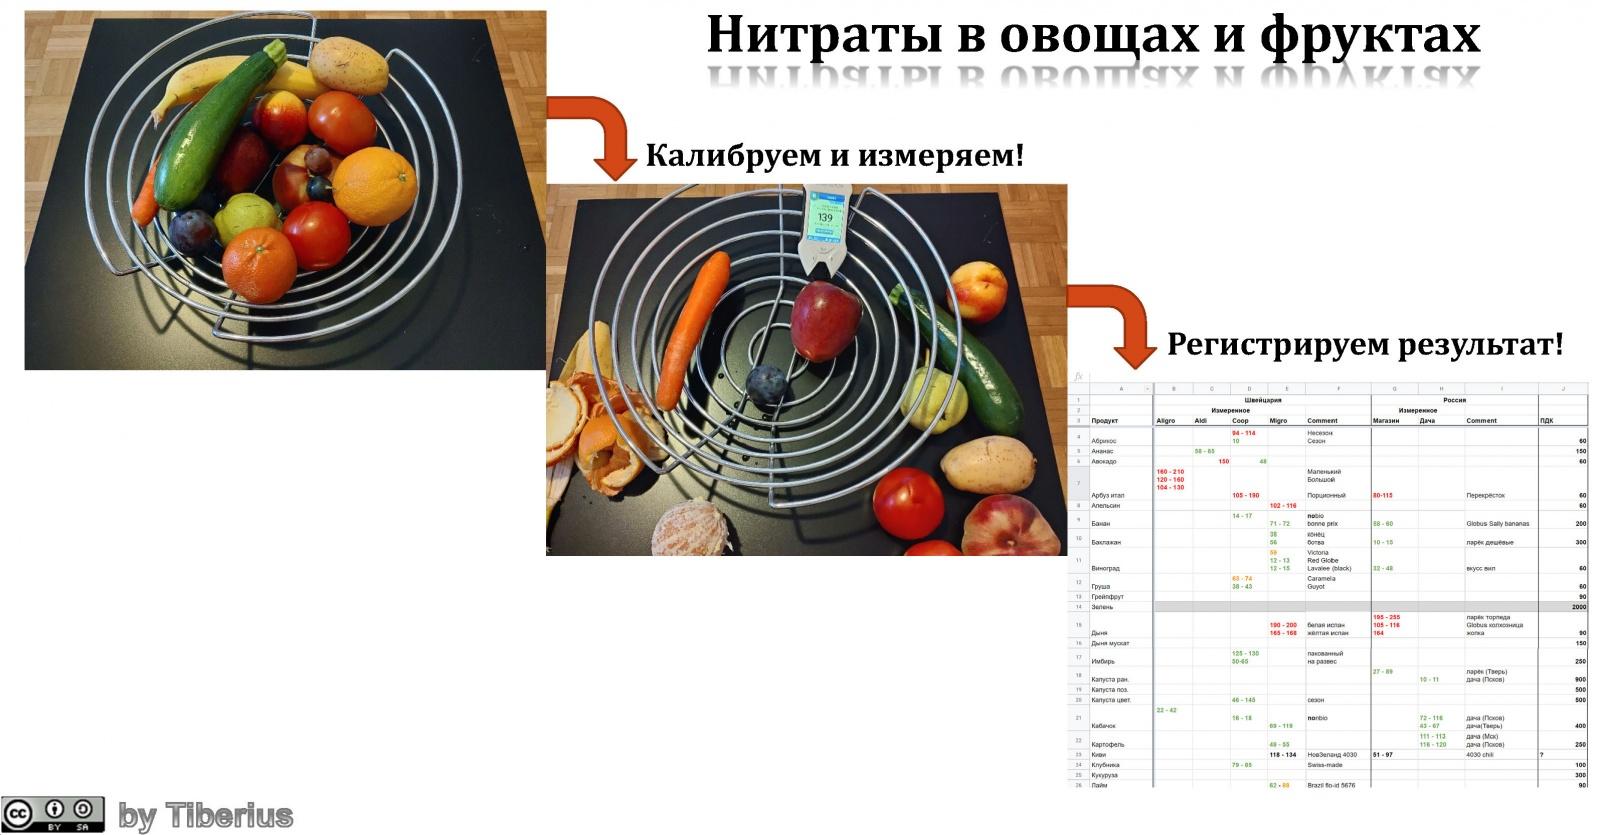 Нитраты в продуктах: магазины Швейцарии vs магазины России vs дача - 1